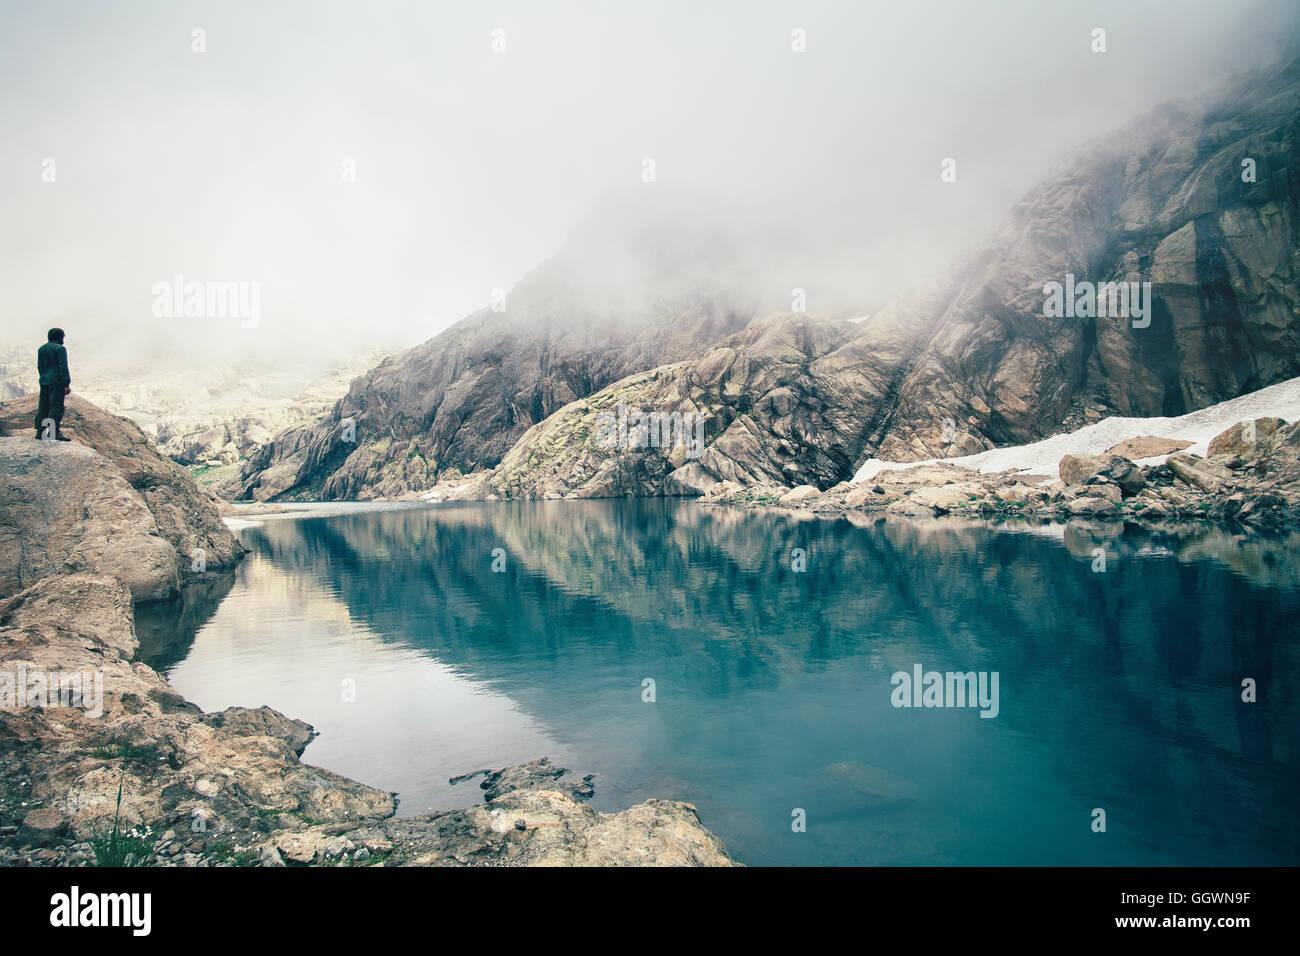 Man Traveler Standing alone on Cliff Lake et de montagnes brumeuses sur le contexte de vie de plein air concept Banque D'Images